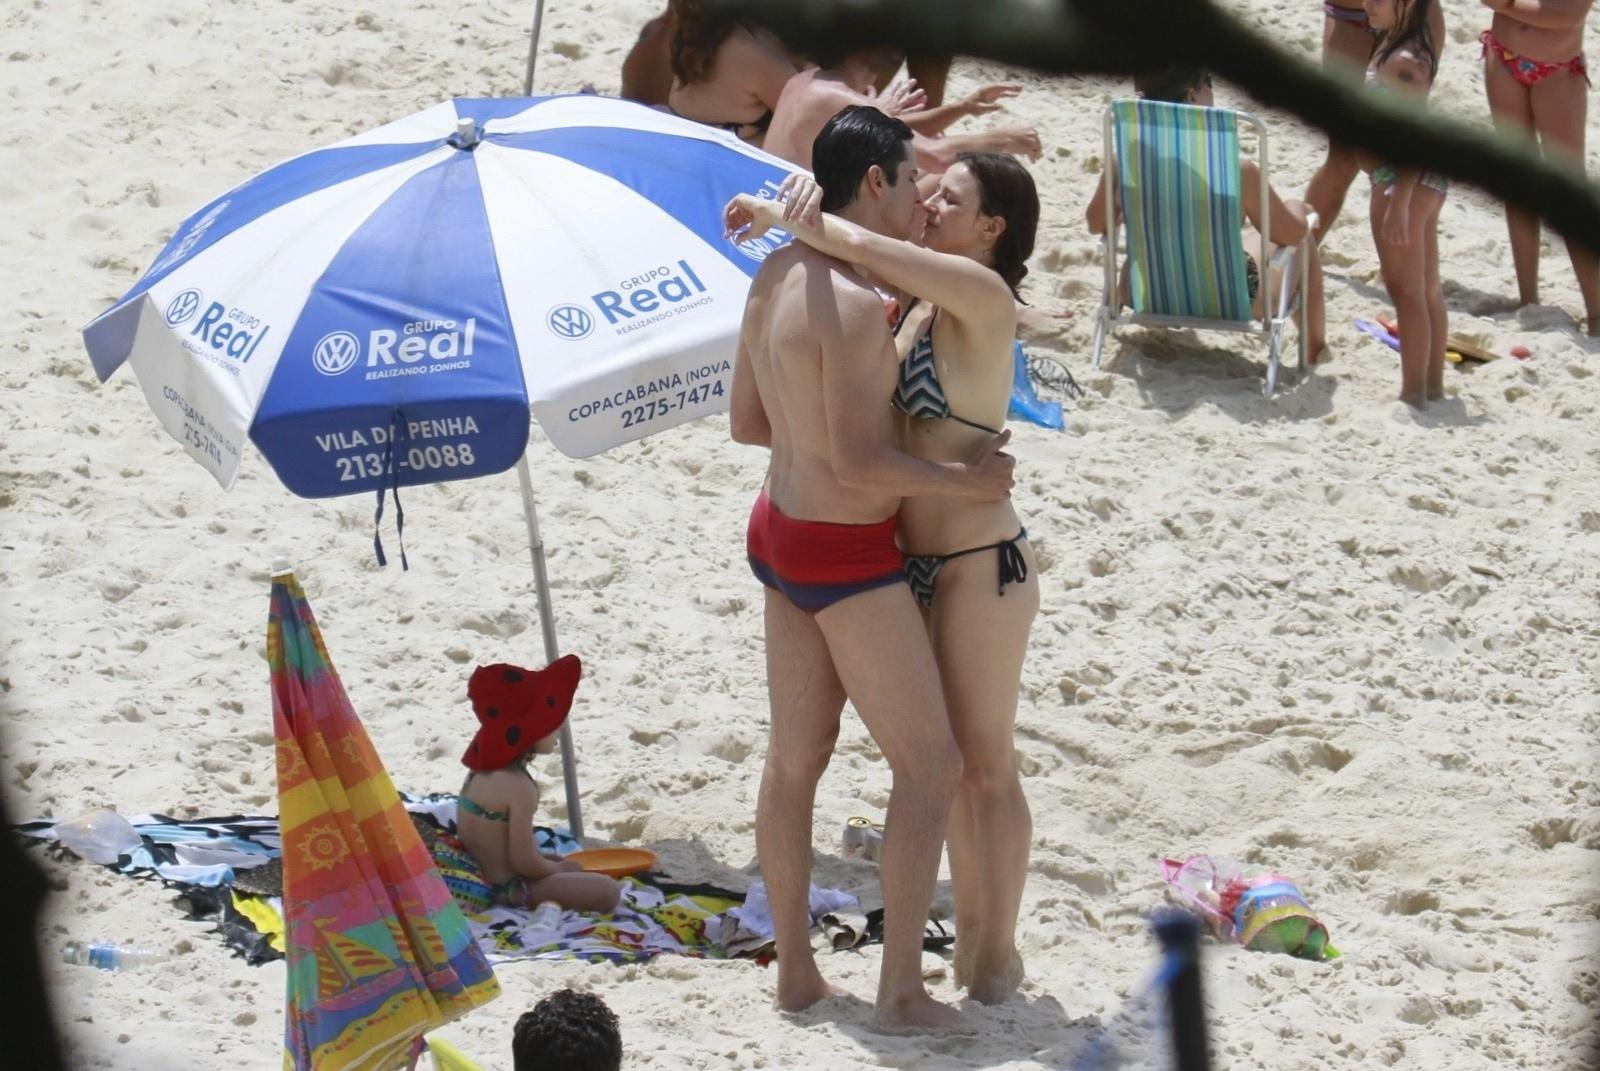 12.out.2013 - Mateus Solano aproveitou o Dia das Crianças para ir à praia com a mulher, Paula Braun, e a filha, Flora, neste sábado (12), no Rio. O casal de atores está no ar em